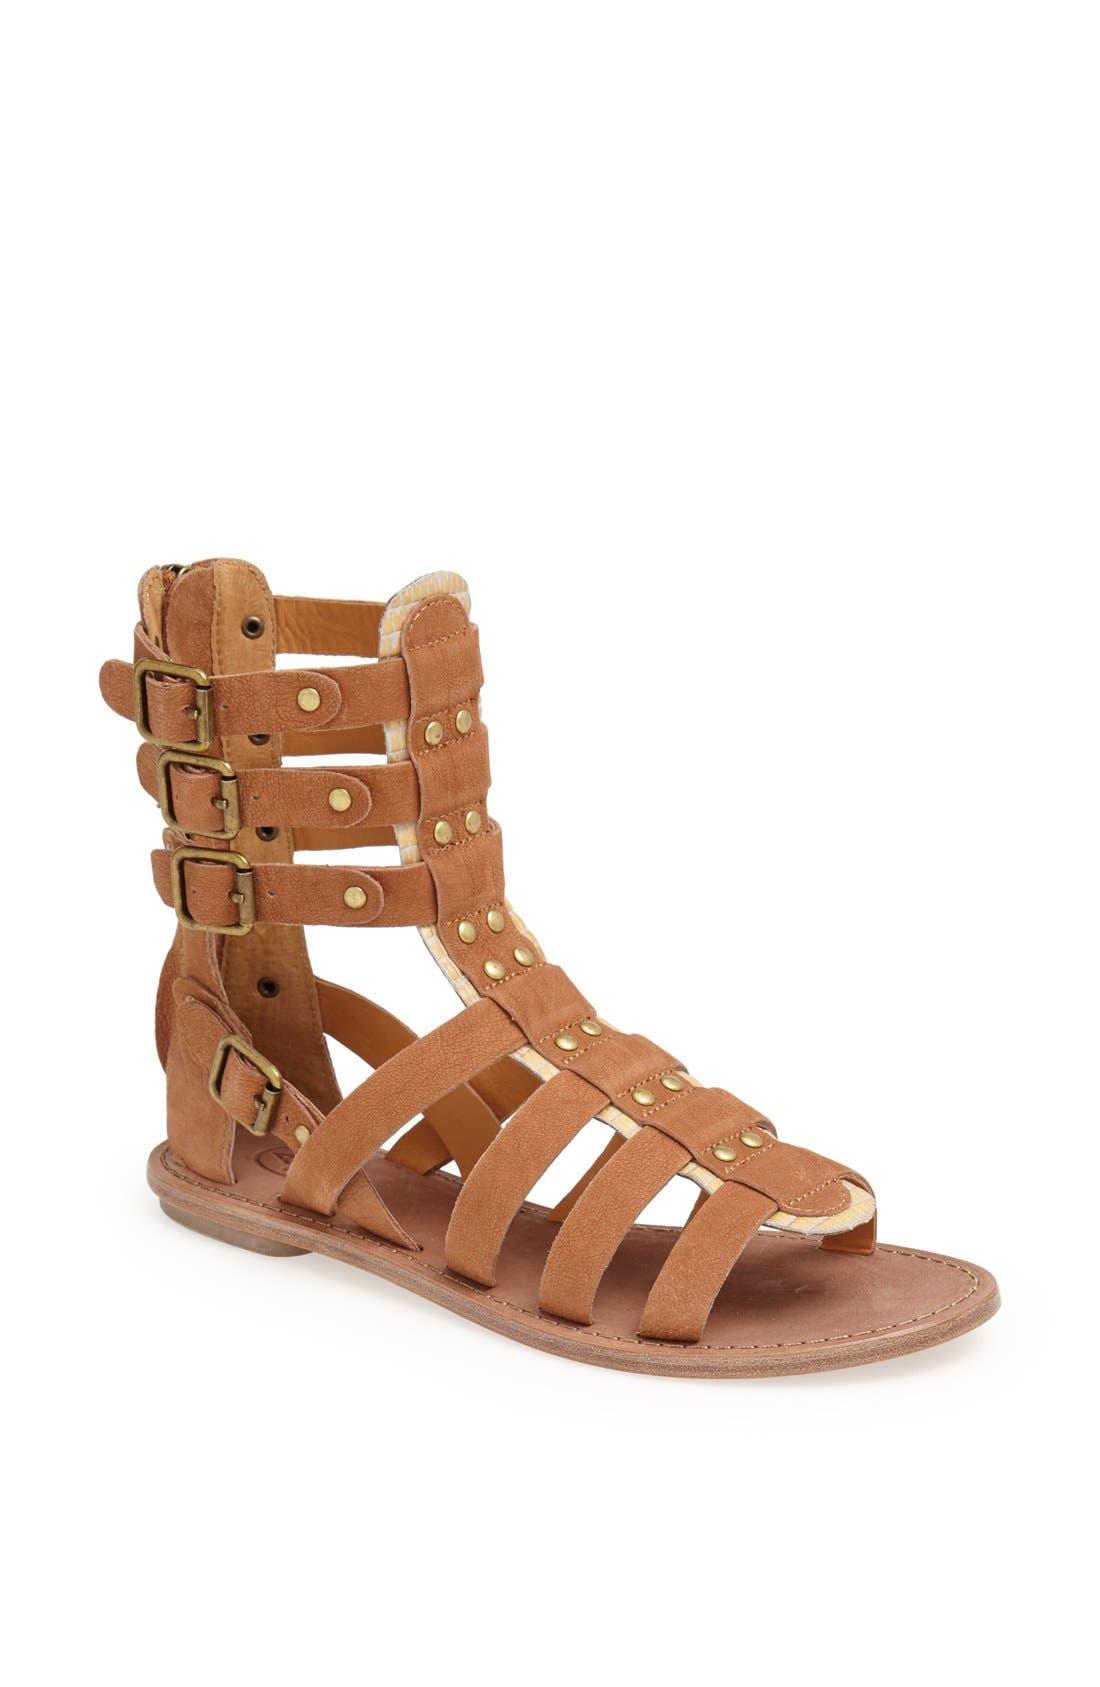 ASH 'Nomad' Gladiator Sandal, Main, color, 200